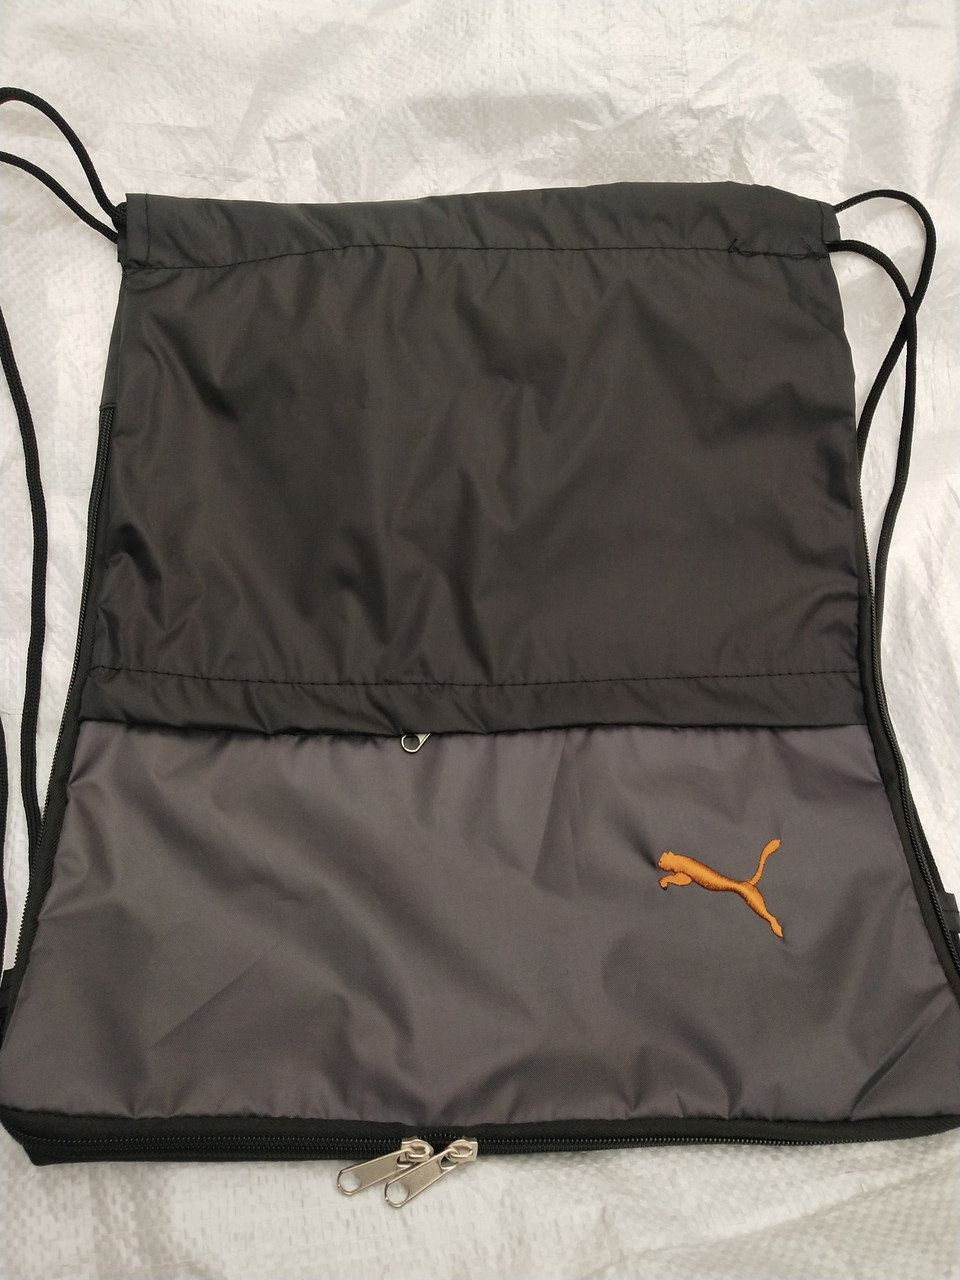 Сумка рюкзак-мешок puma сумка для обуви(только ОПТ )